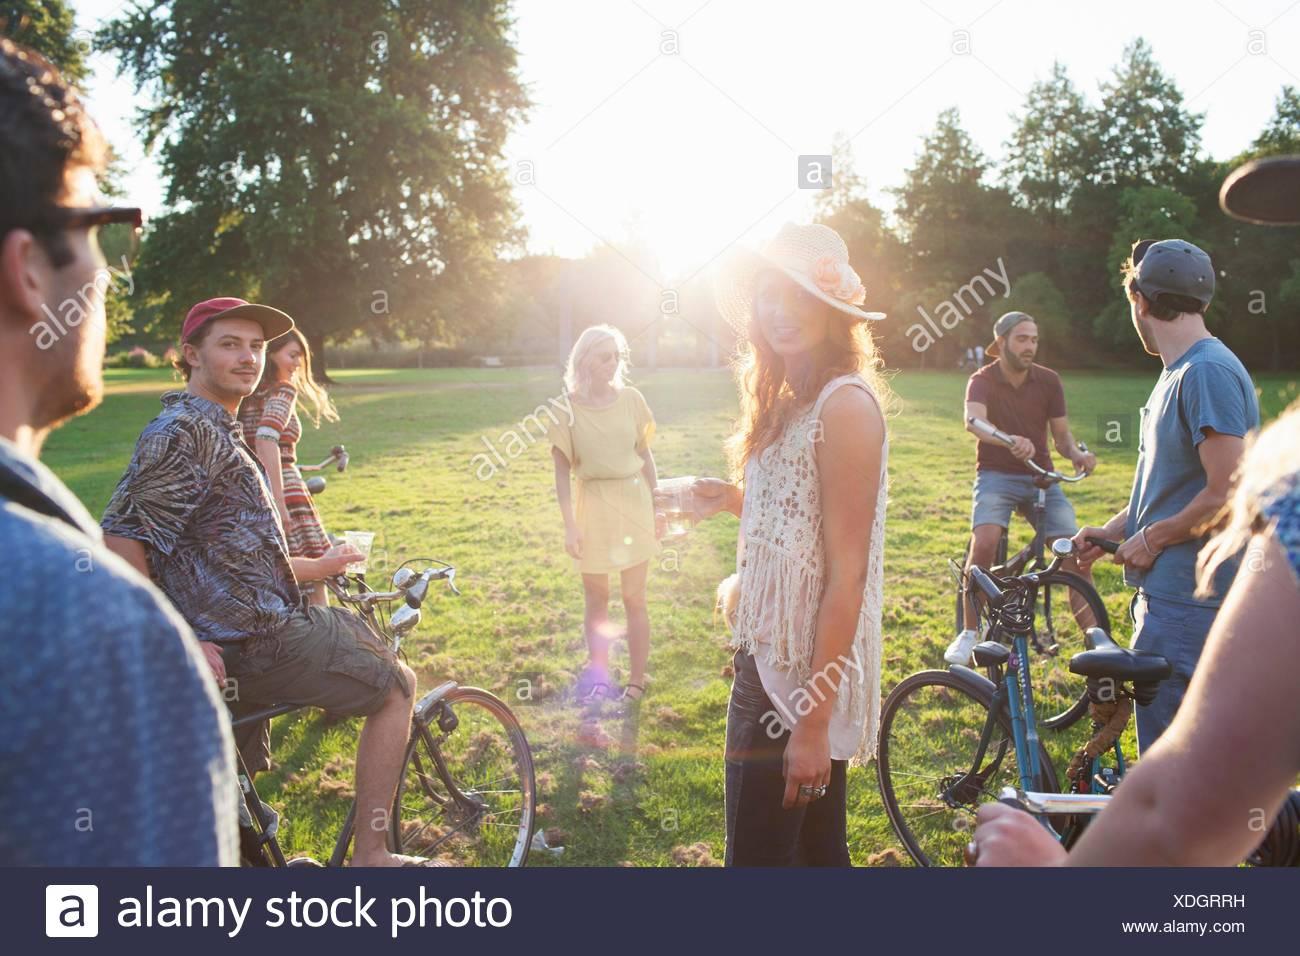 Kennenlernen in der gruppe erwachsene Kennenlernen Gruppe Erwachsene - Gruppenspiele für erwachsene kennenlernen, 2 comments